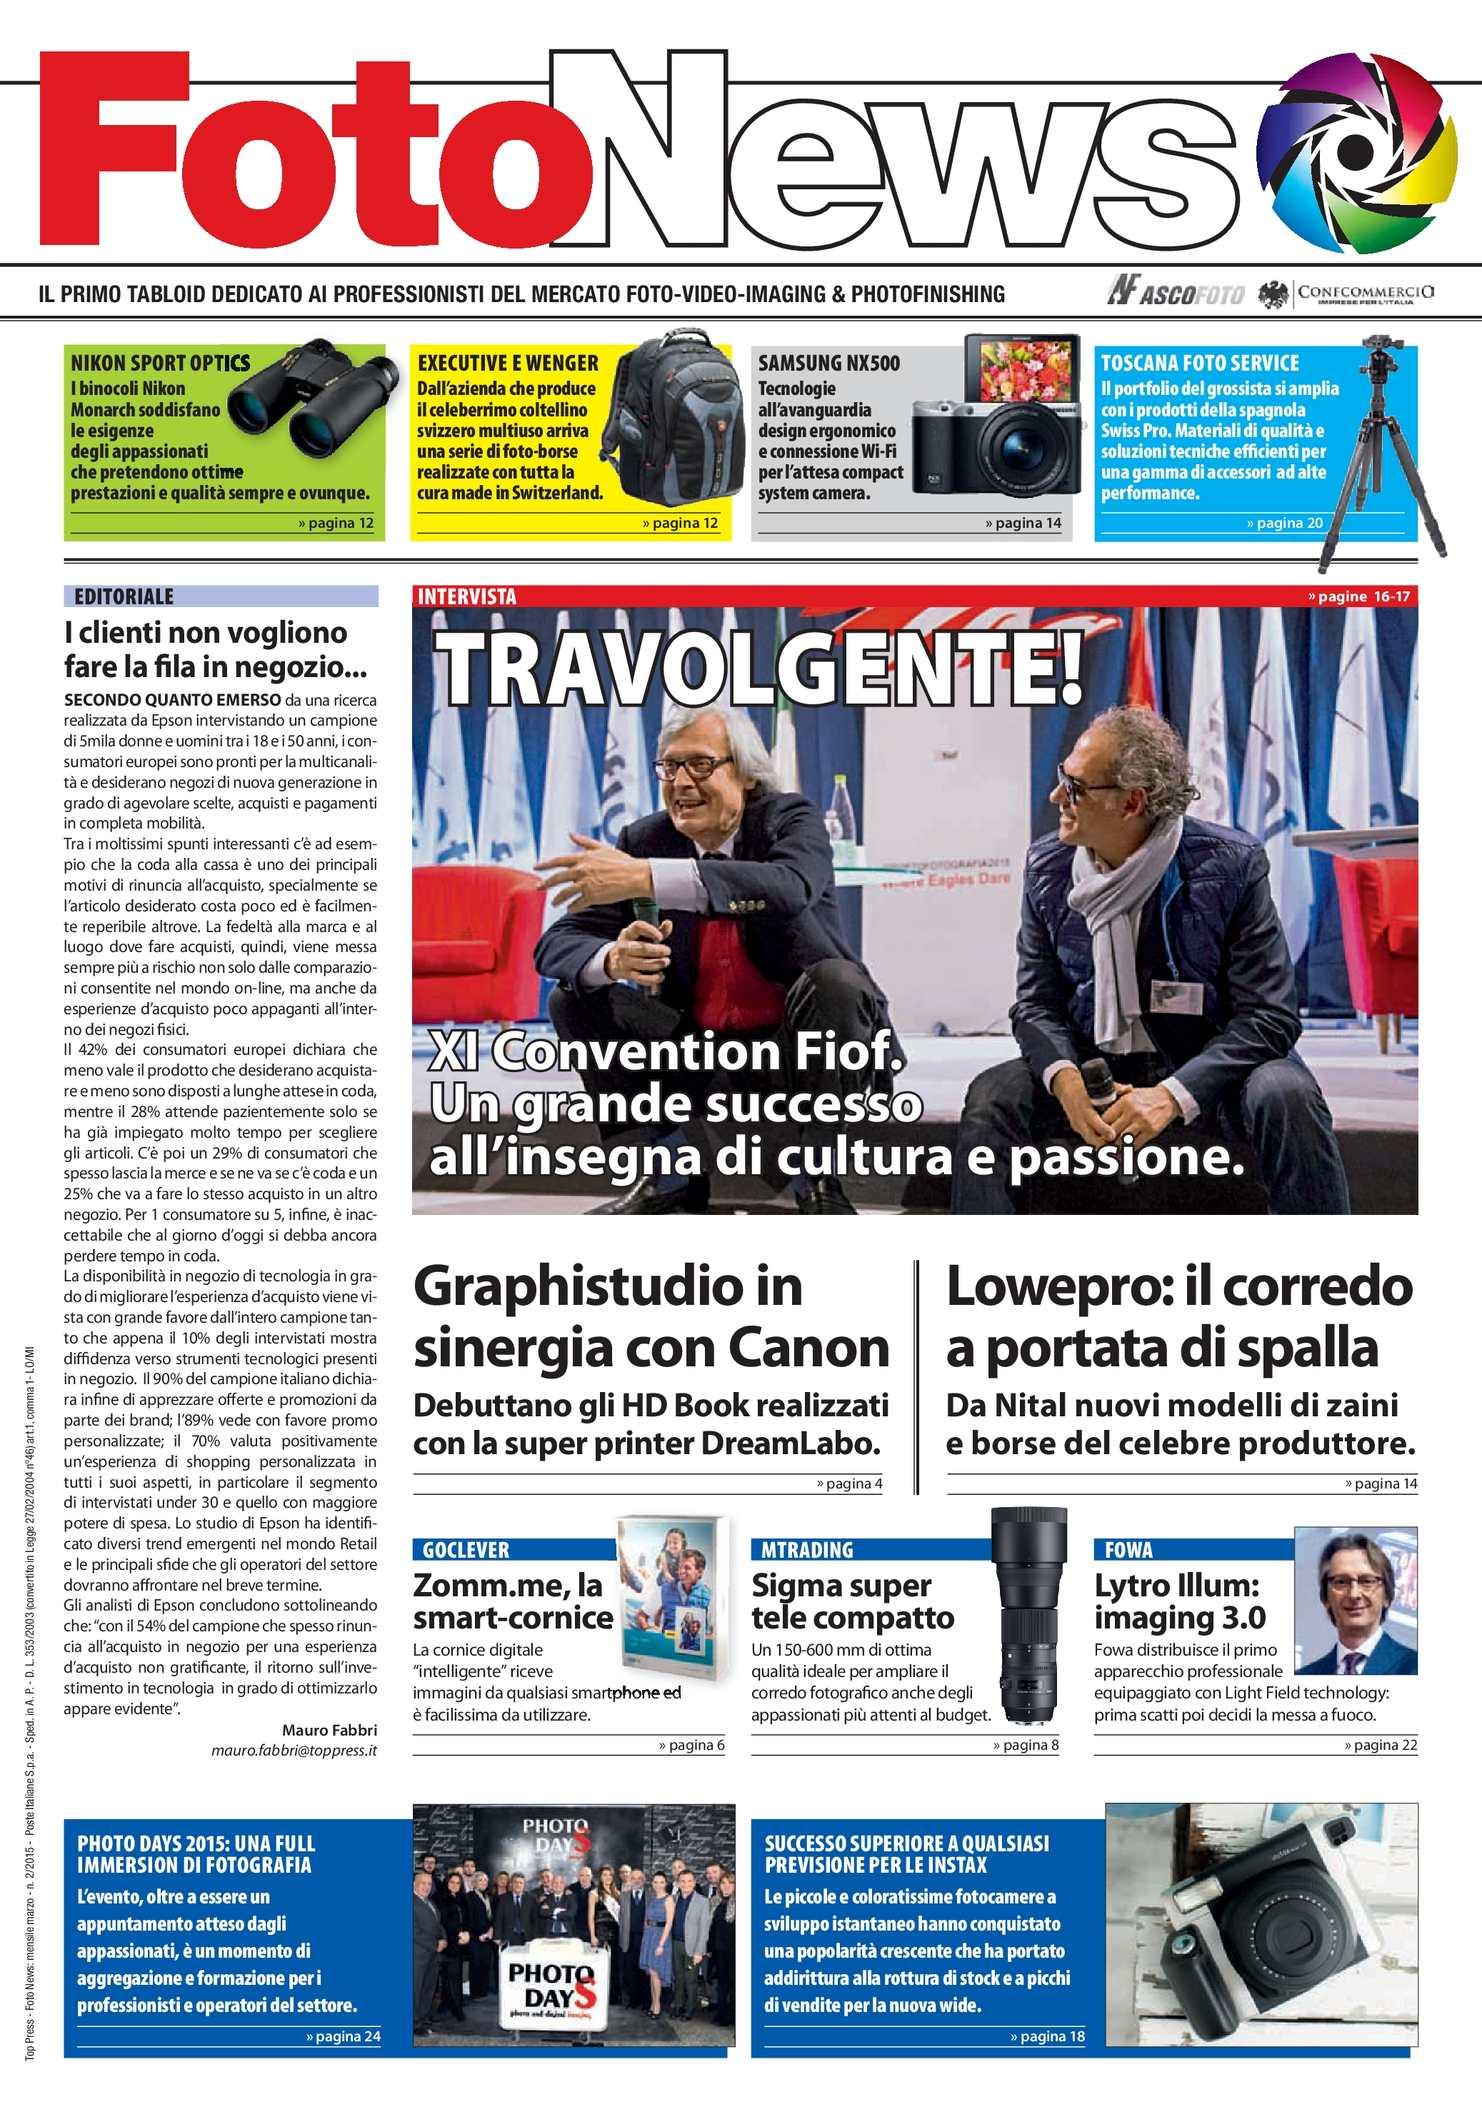 FotoNews 02/2015